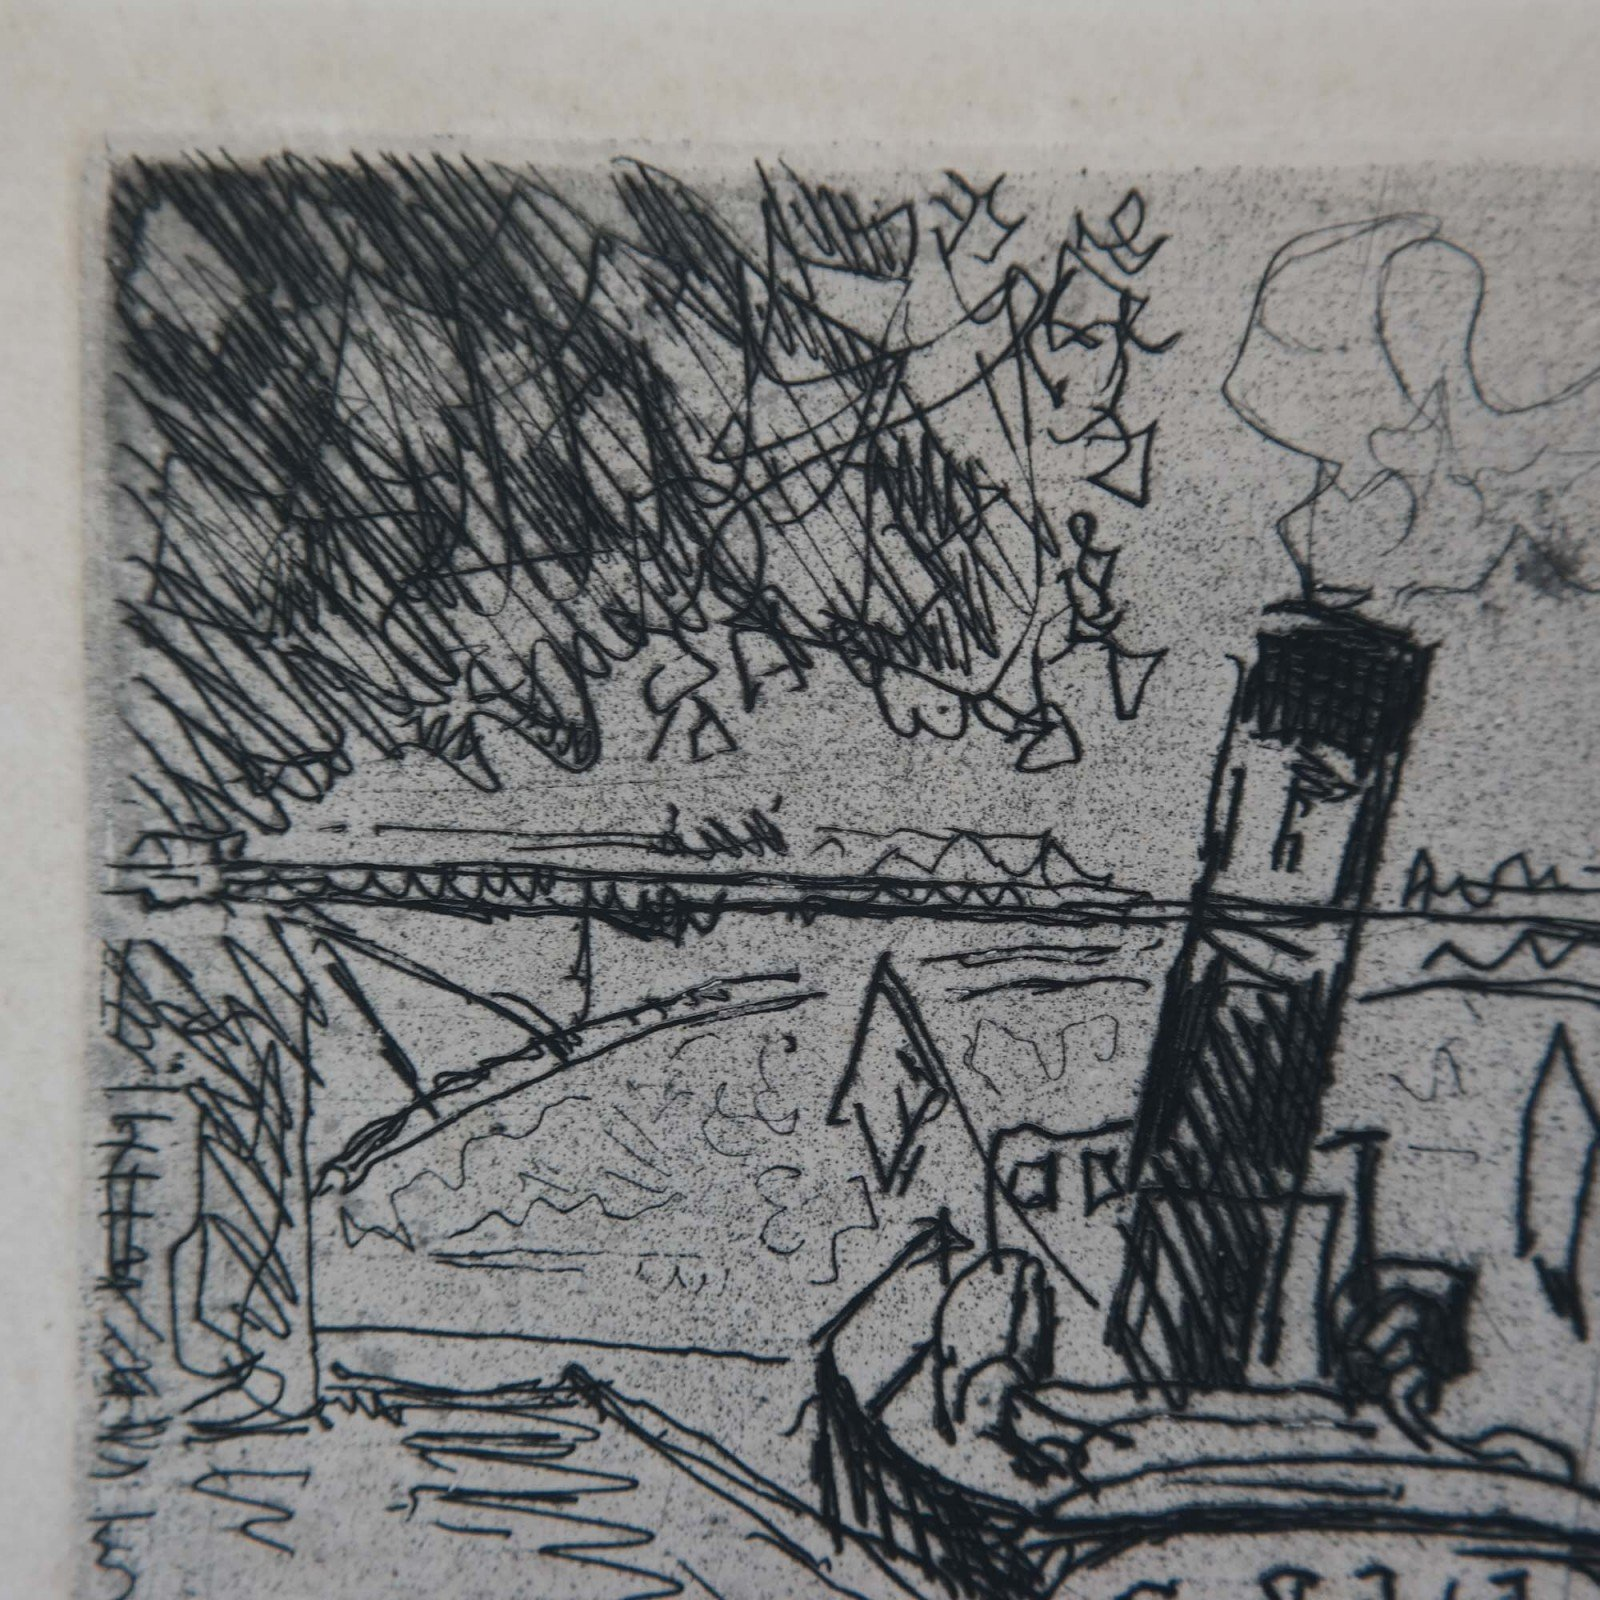 Paul Signac (1863-1935) - Le pont des Arts